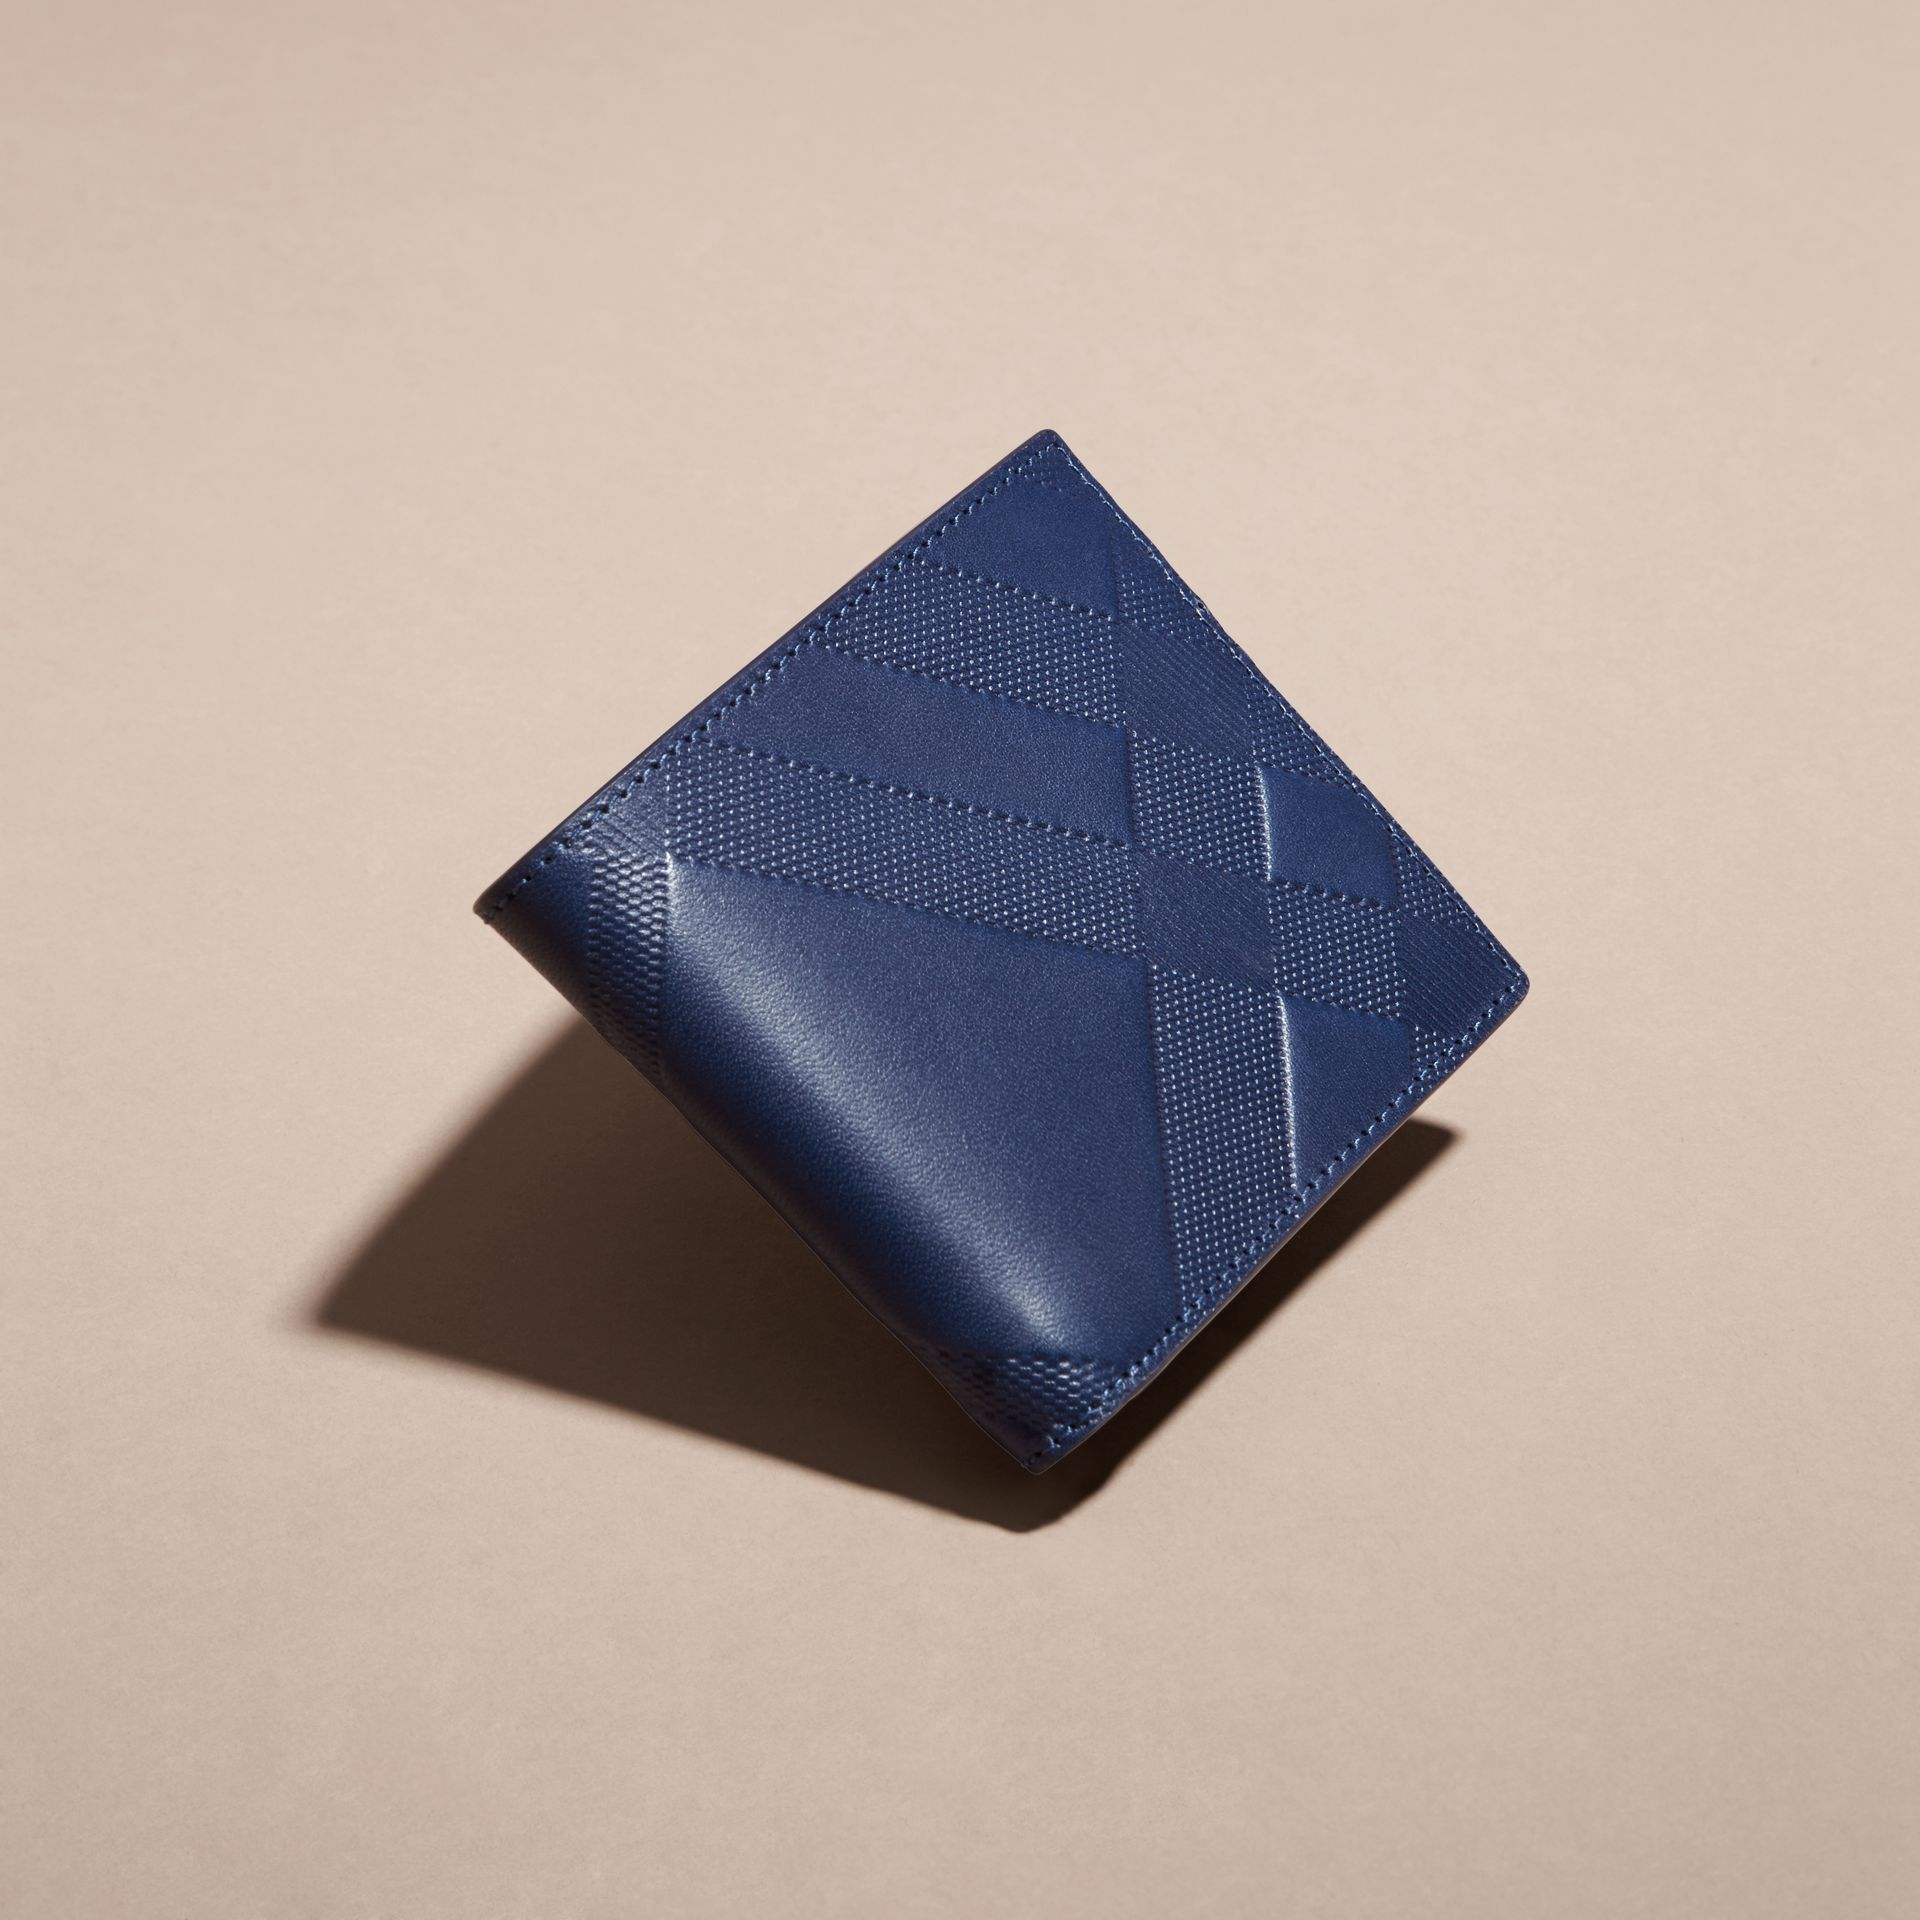 Bleu lapis Portefeuille à rabat en cuir avec motif check estampé Bleu Lapis - photo de la galerie 2